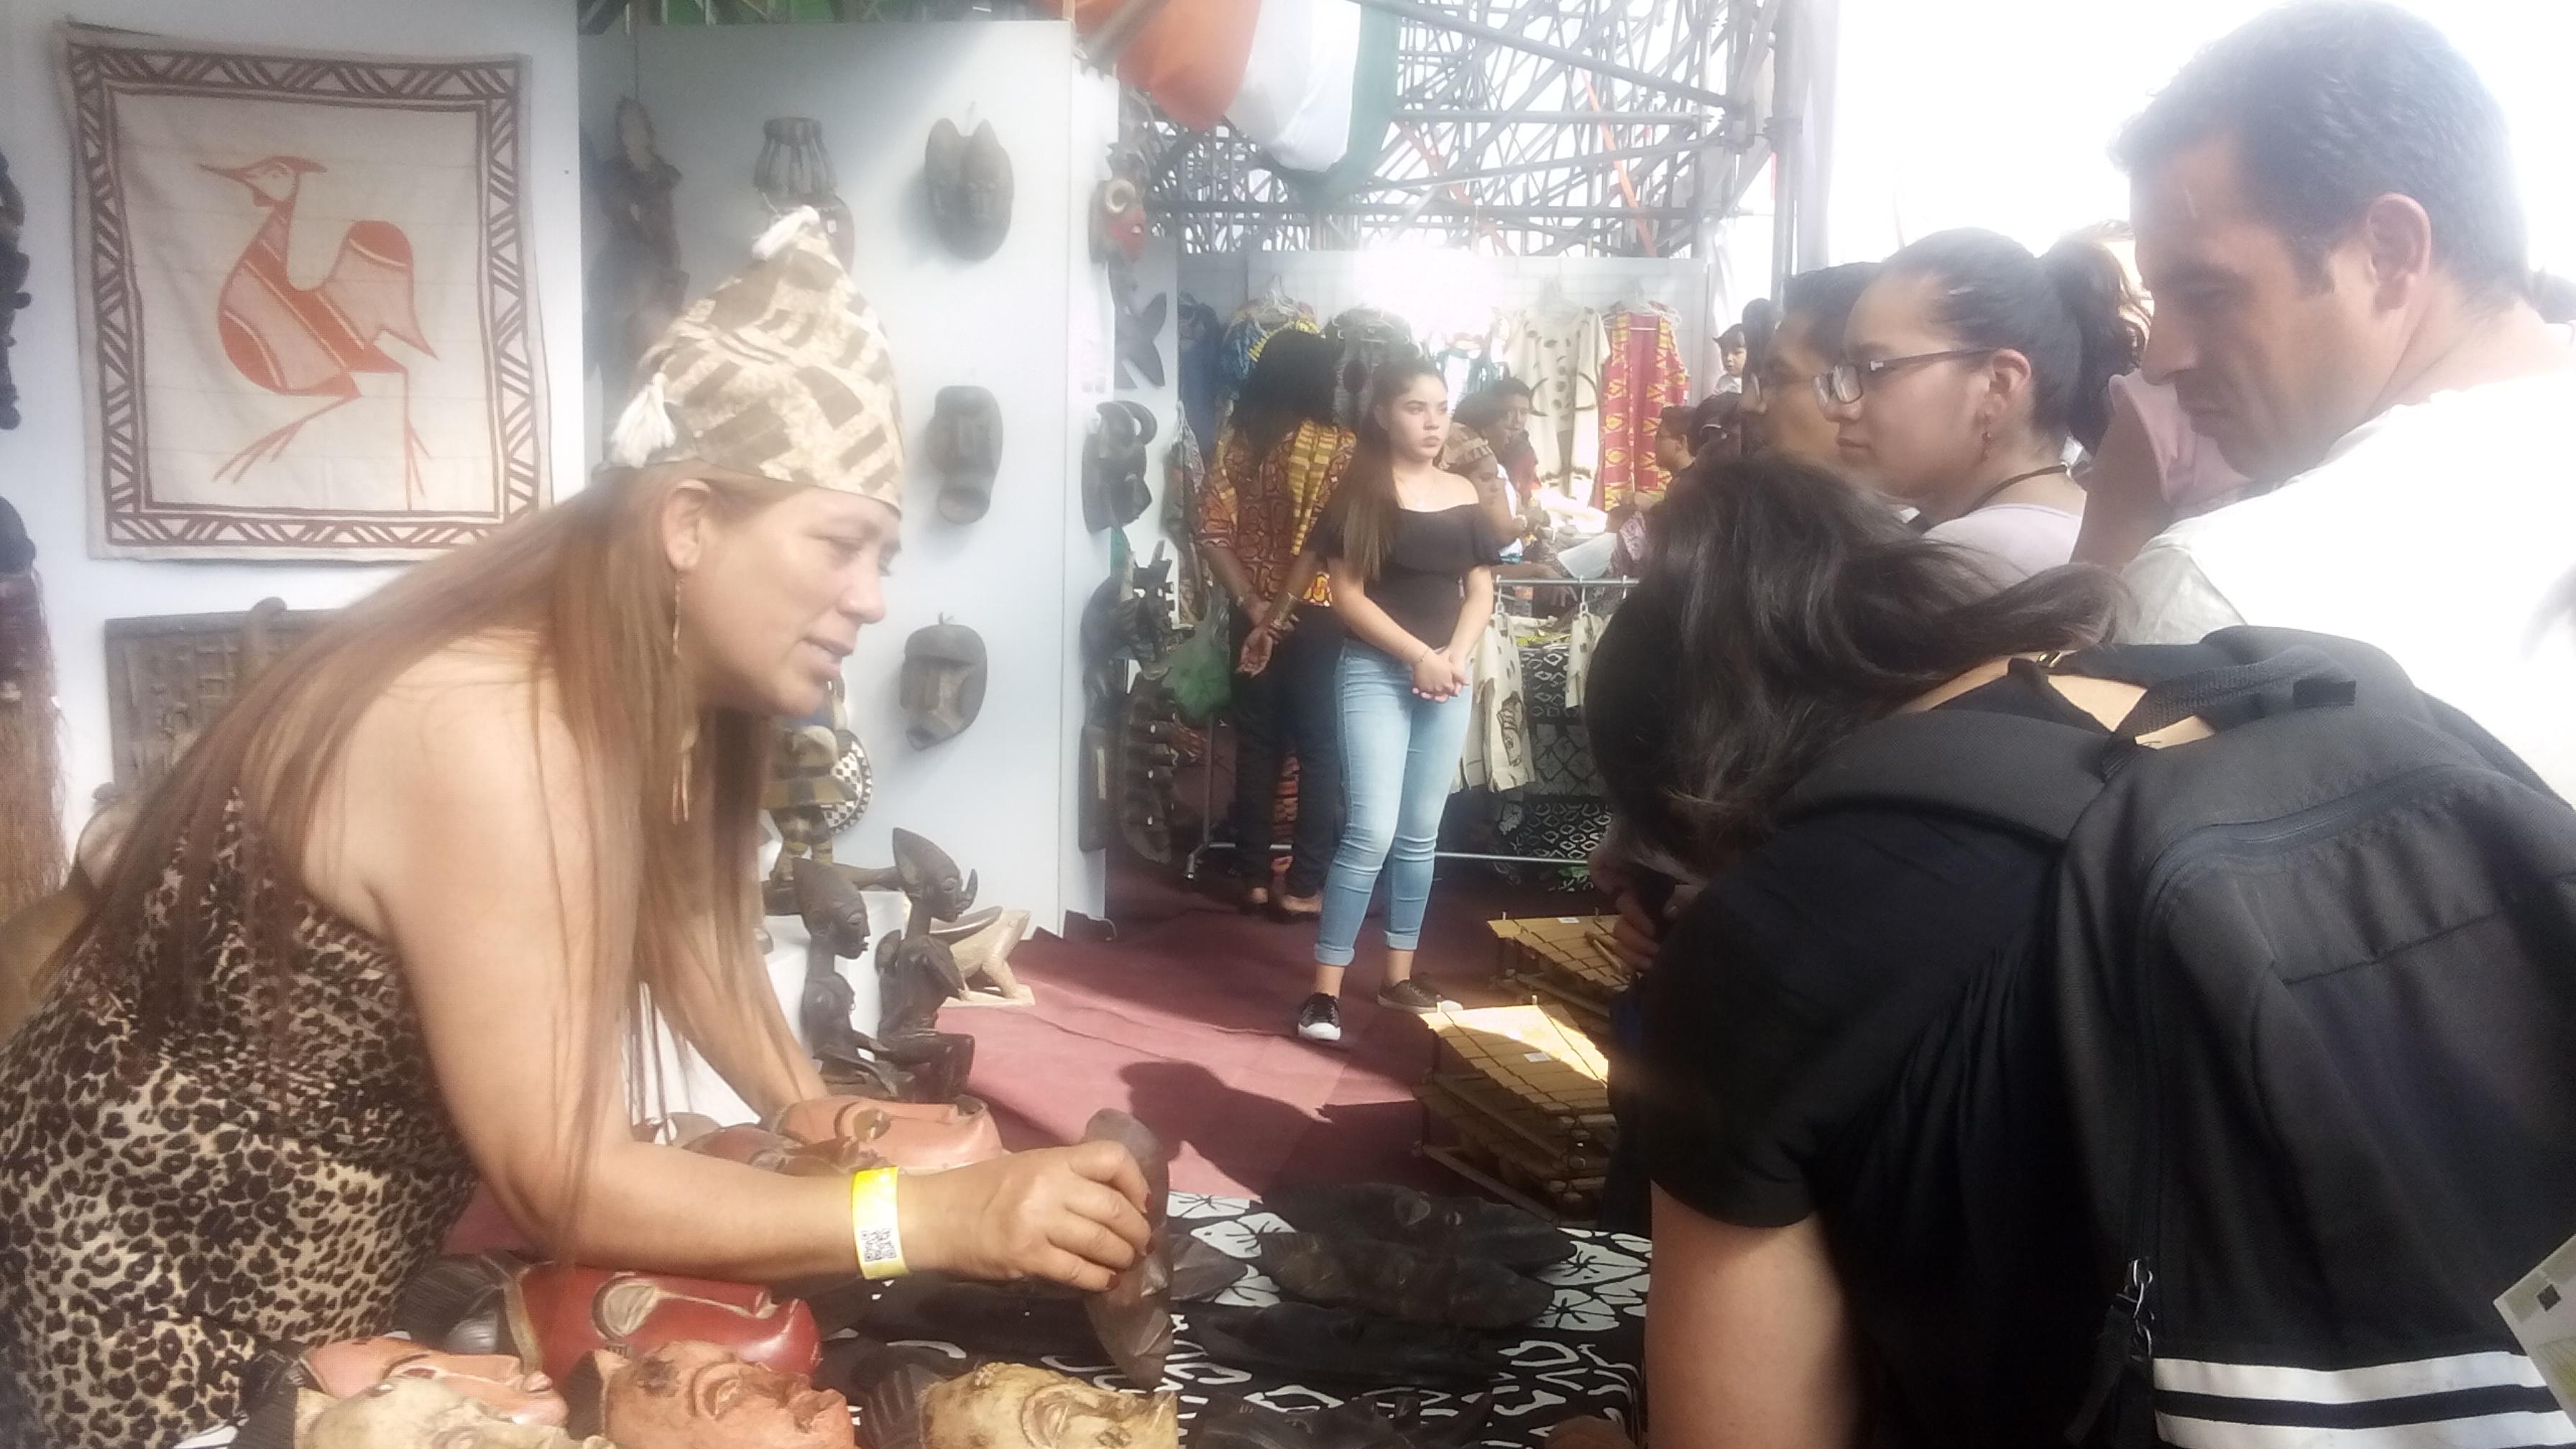 x_Educación_intercultural,__stand_de_Costa_de_Marfil_en_la_Feria_Internacional_de_las_Culturas_Amiga